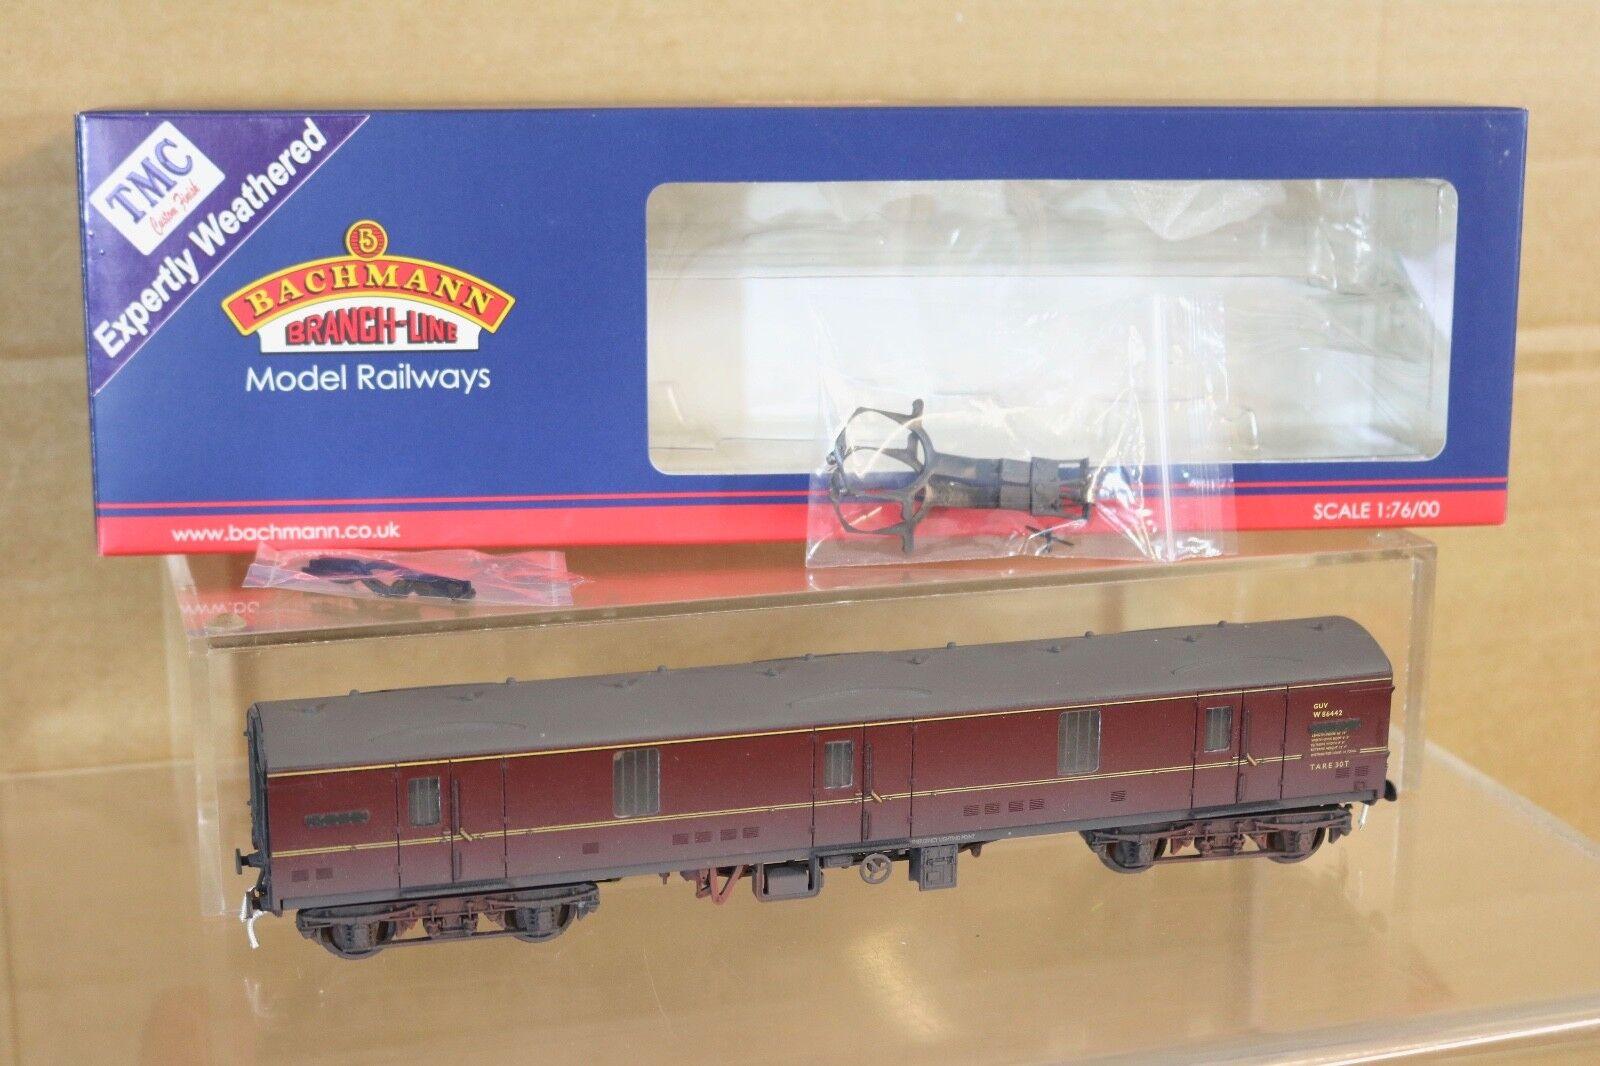 Bachmann 39-271b kit built br tmc worn bordeaux mk1 guv van wagon w86442 pwc